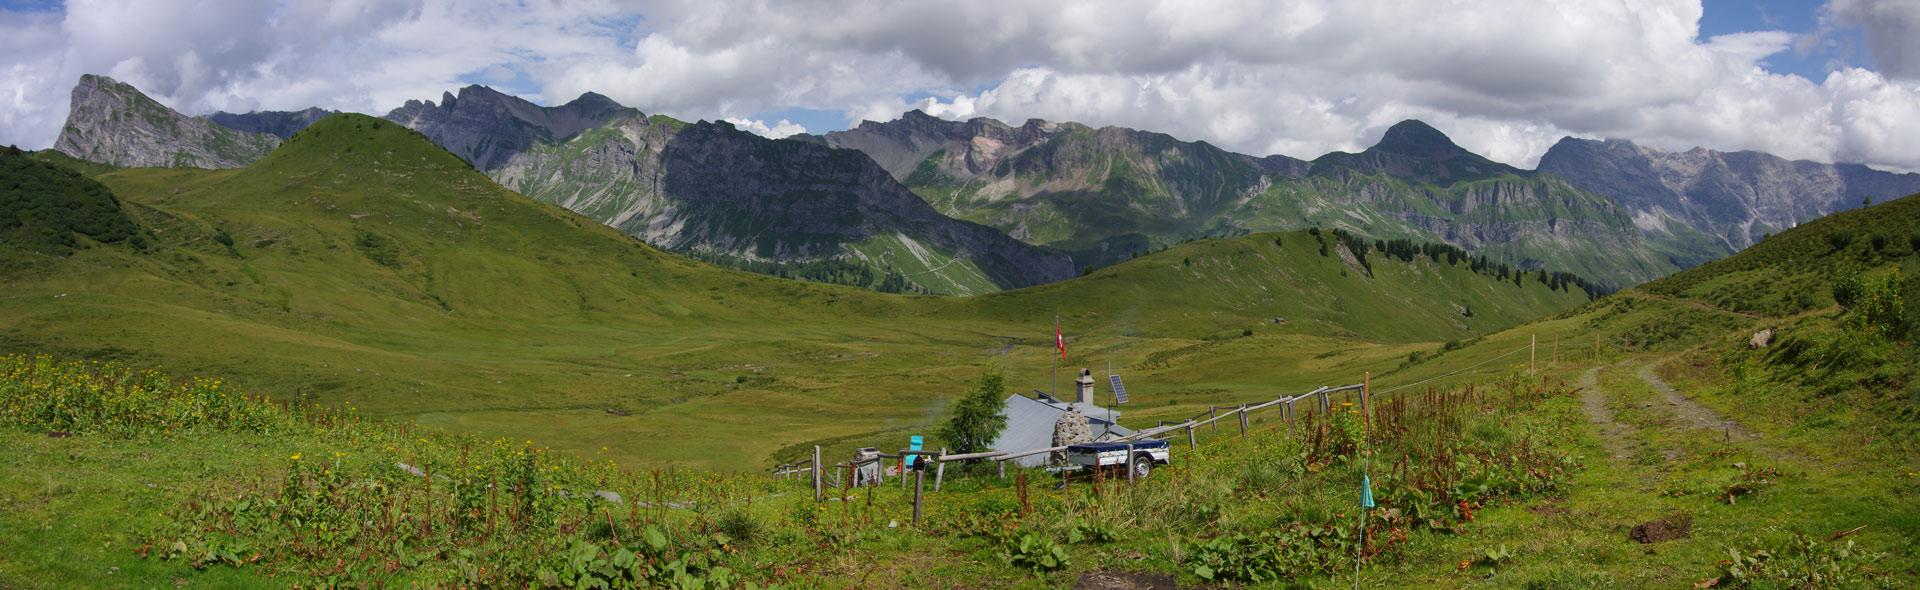 Anton auf der Alp